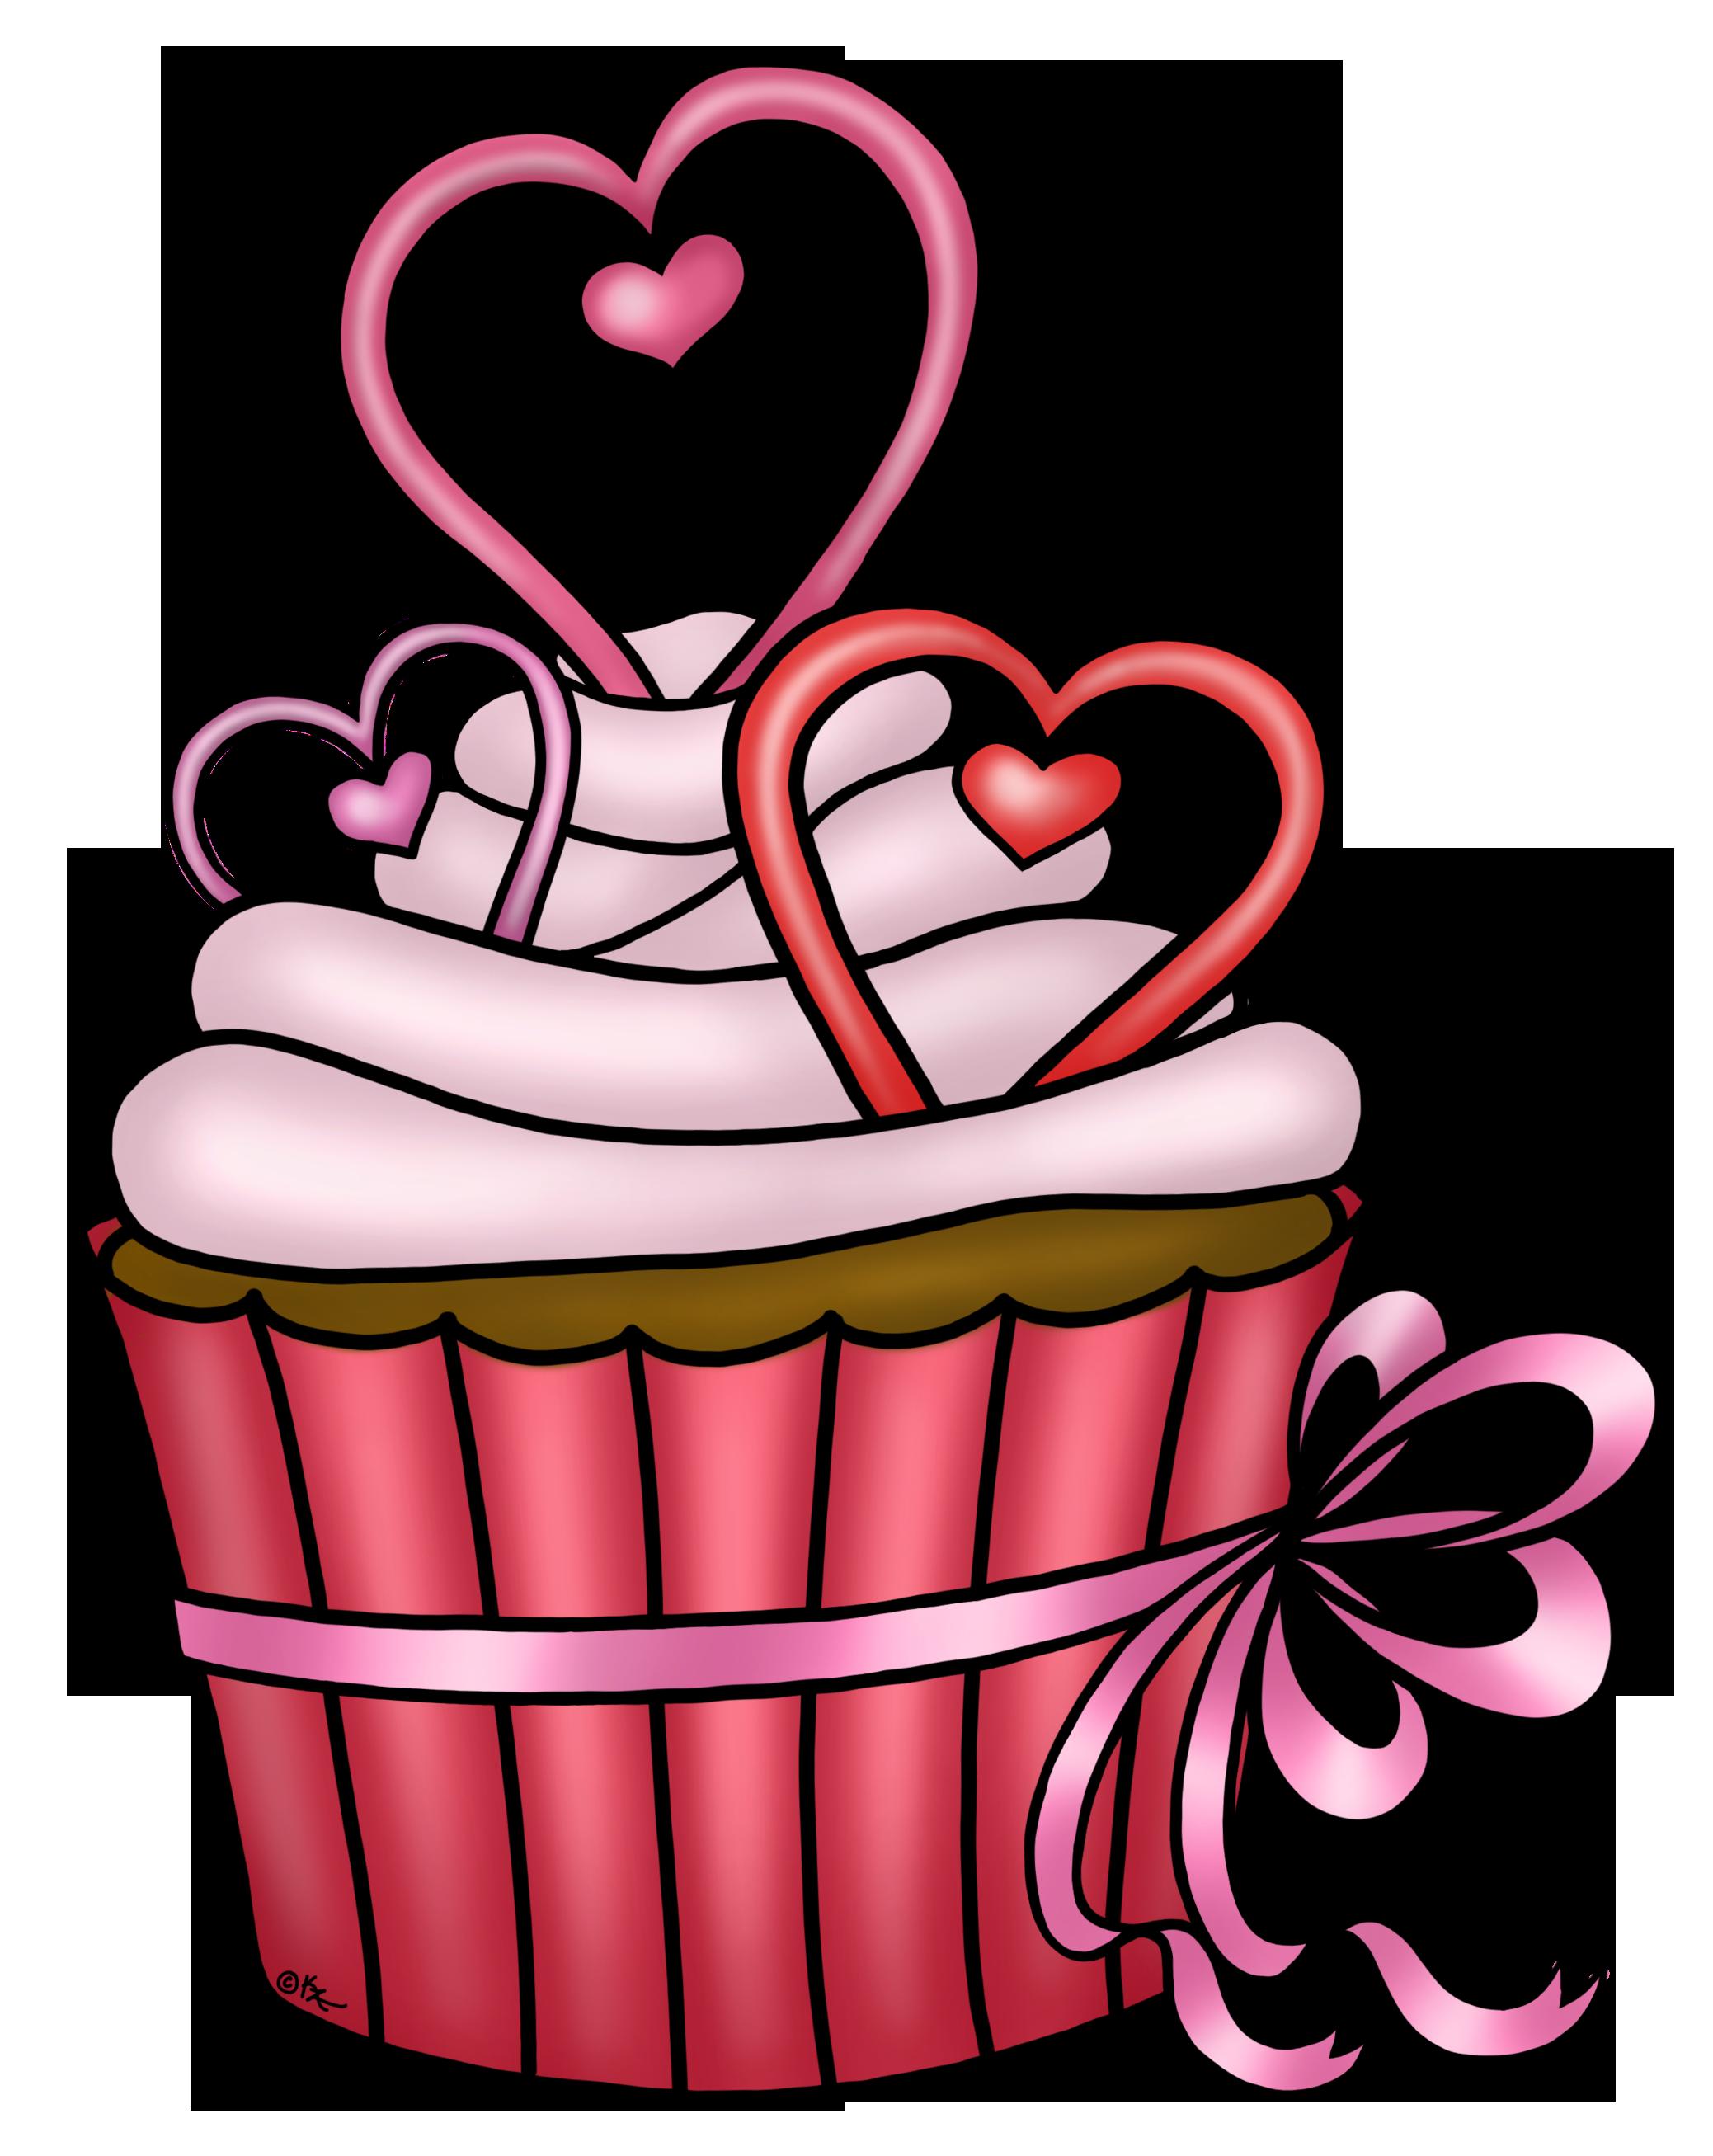 Cupcake png y yecek. Clipart heart cake